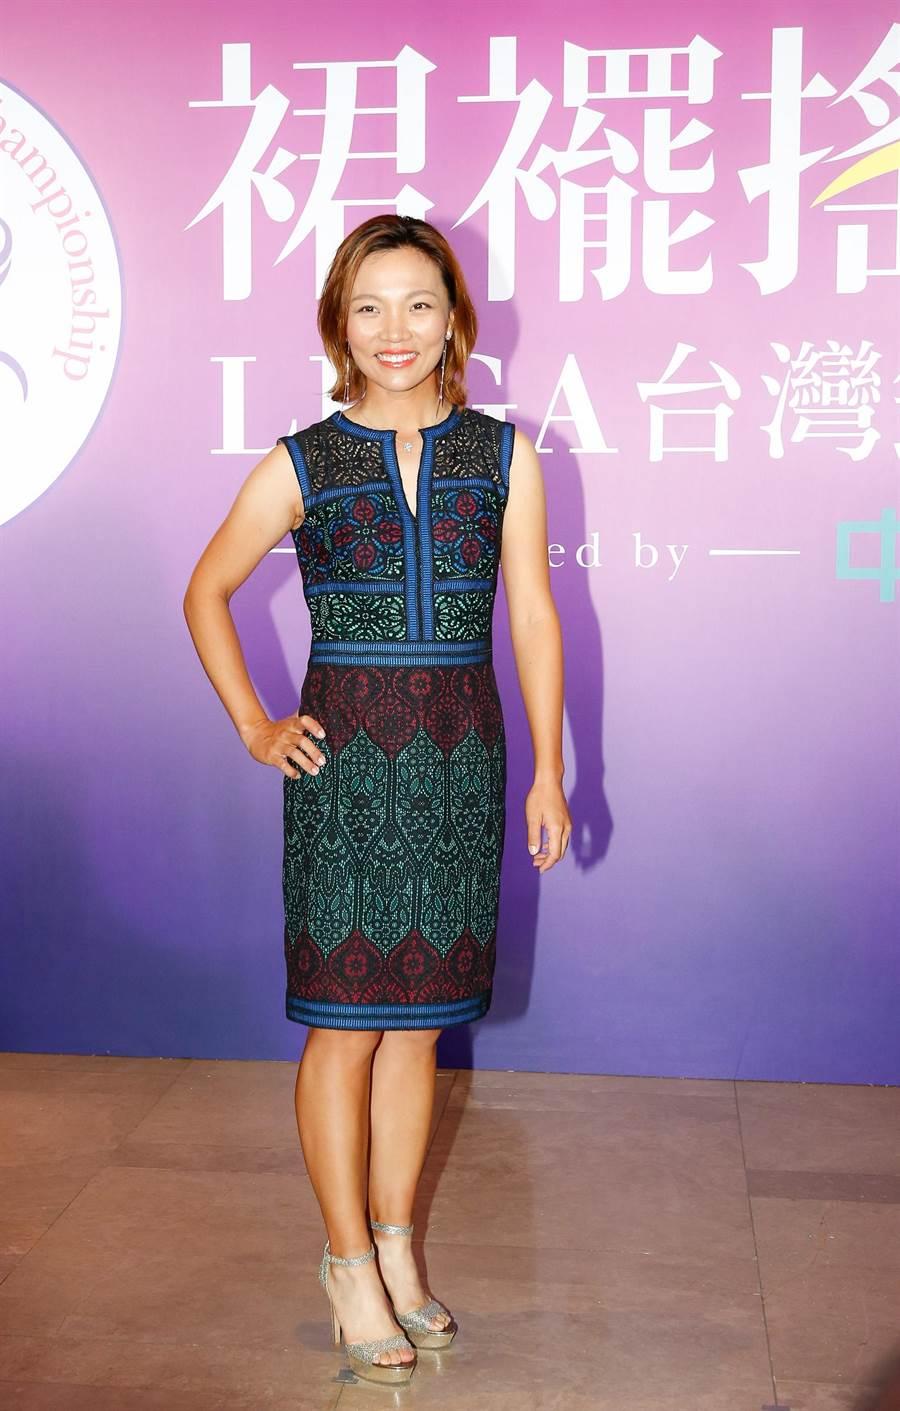 台灣高爾夫女將盧曉晴,漂亮出席裙襬搖搖LPGA台灣錦標賽選手歡迎晚宴。(裙襬搖搖基金會提供)